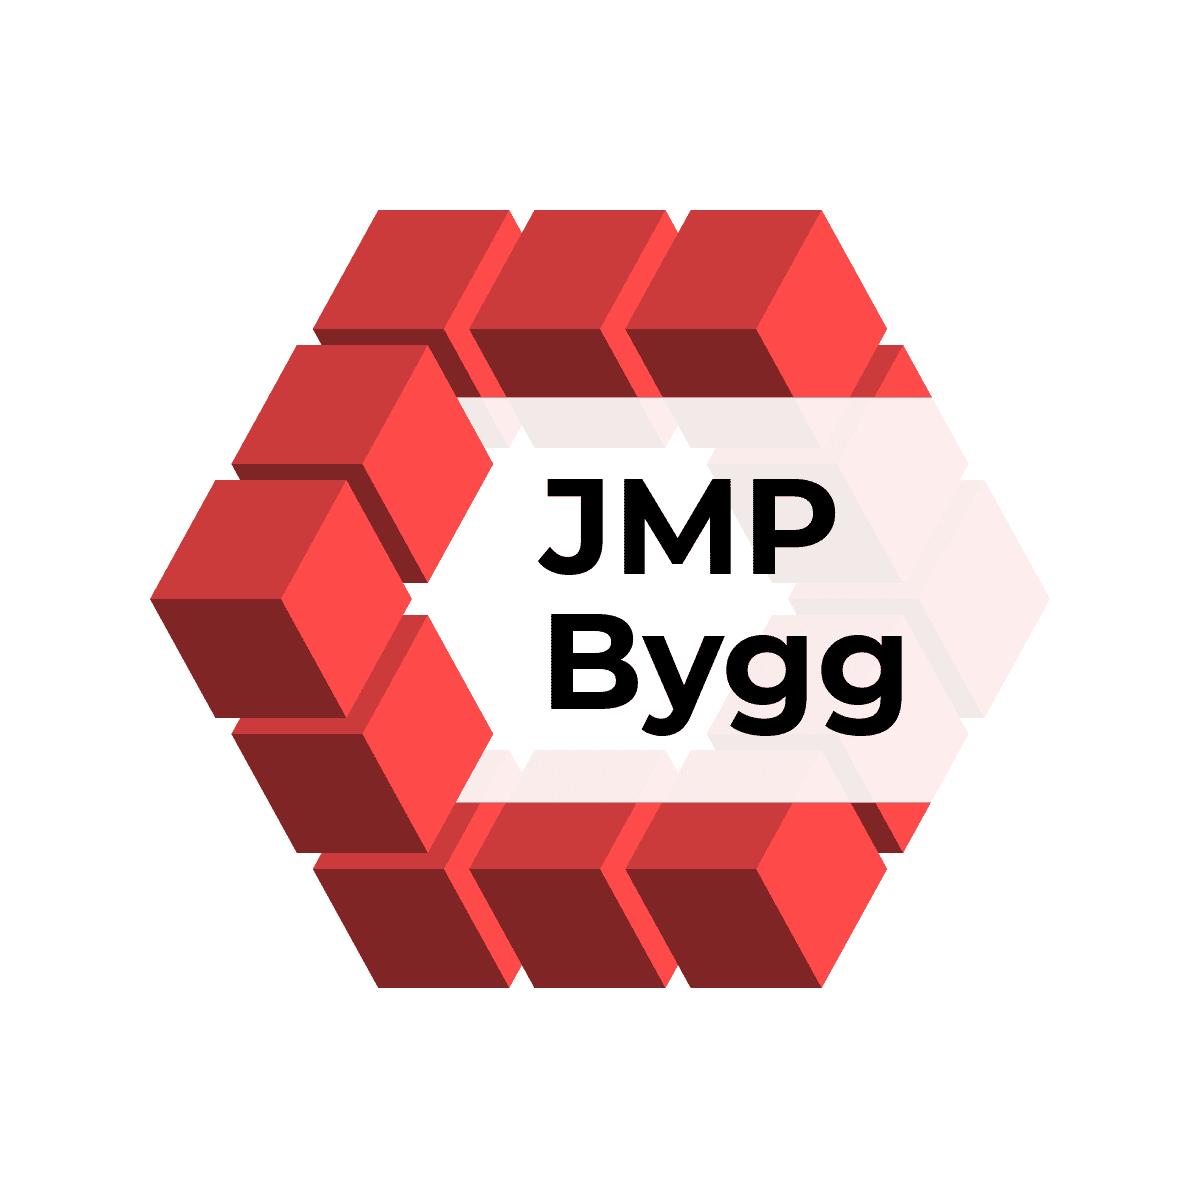 JMP Bygg